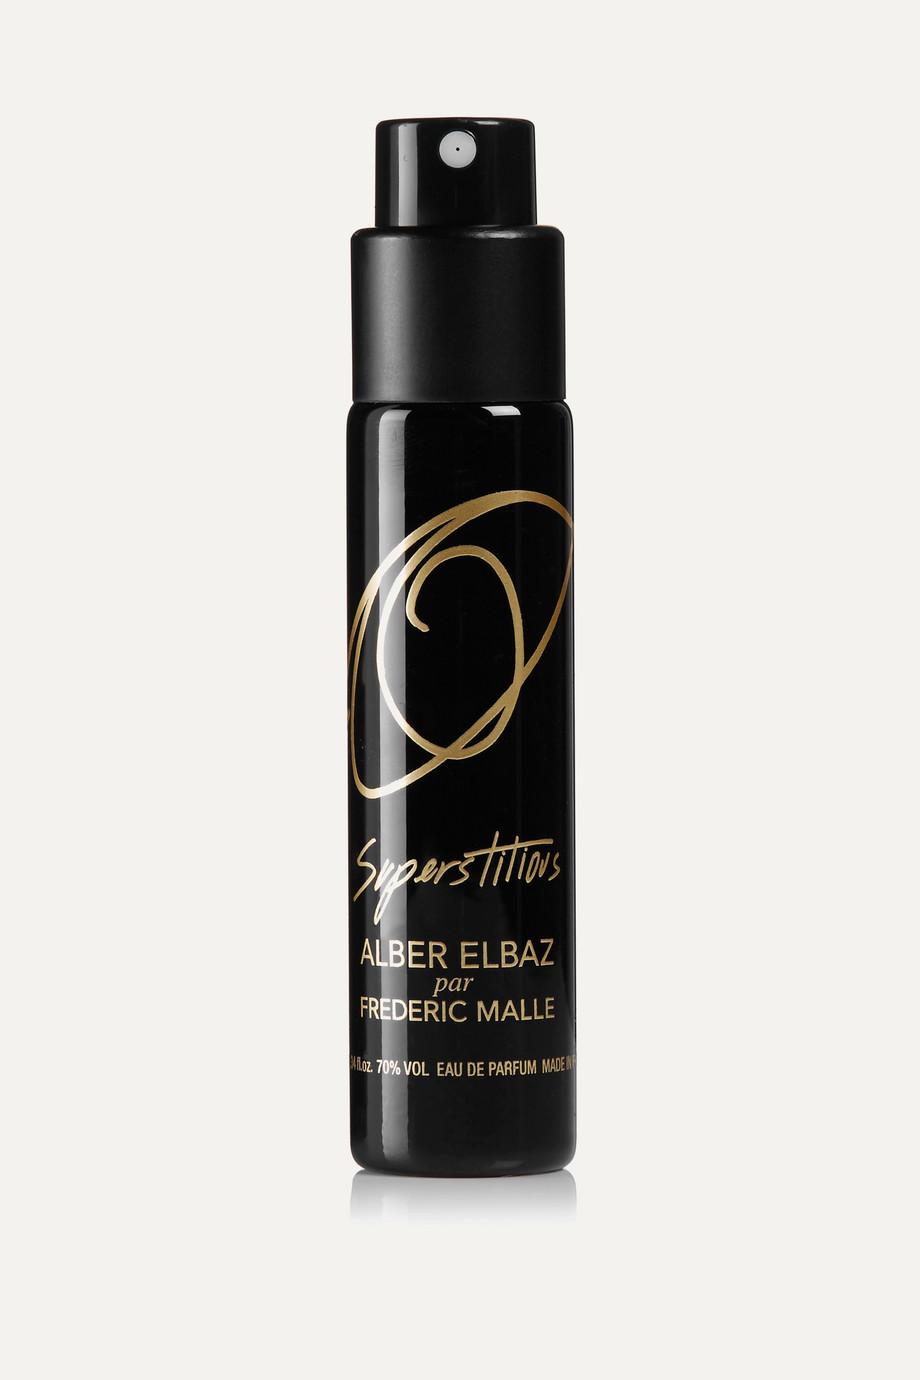 Frederic Malle Superstitious – Türkische Rose, Ägyptischer Jasmin & Aldehyd, 10 ml – Eau de Parfum